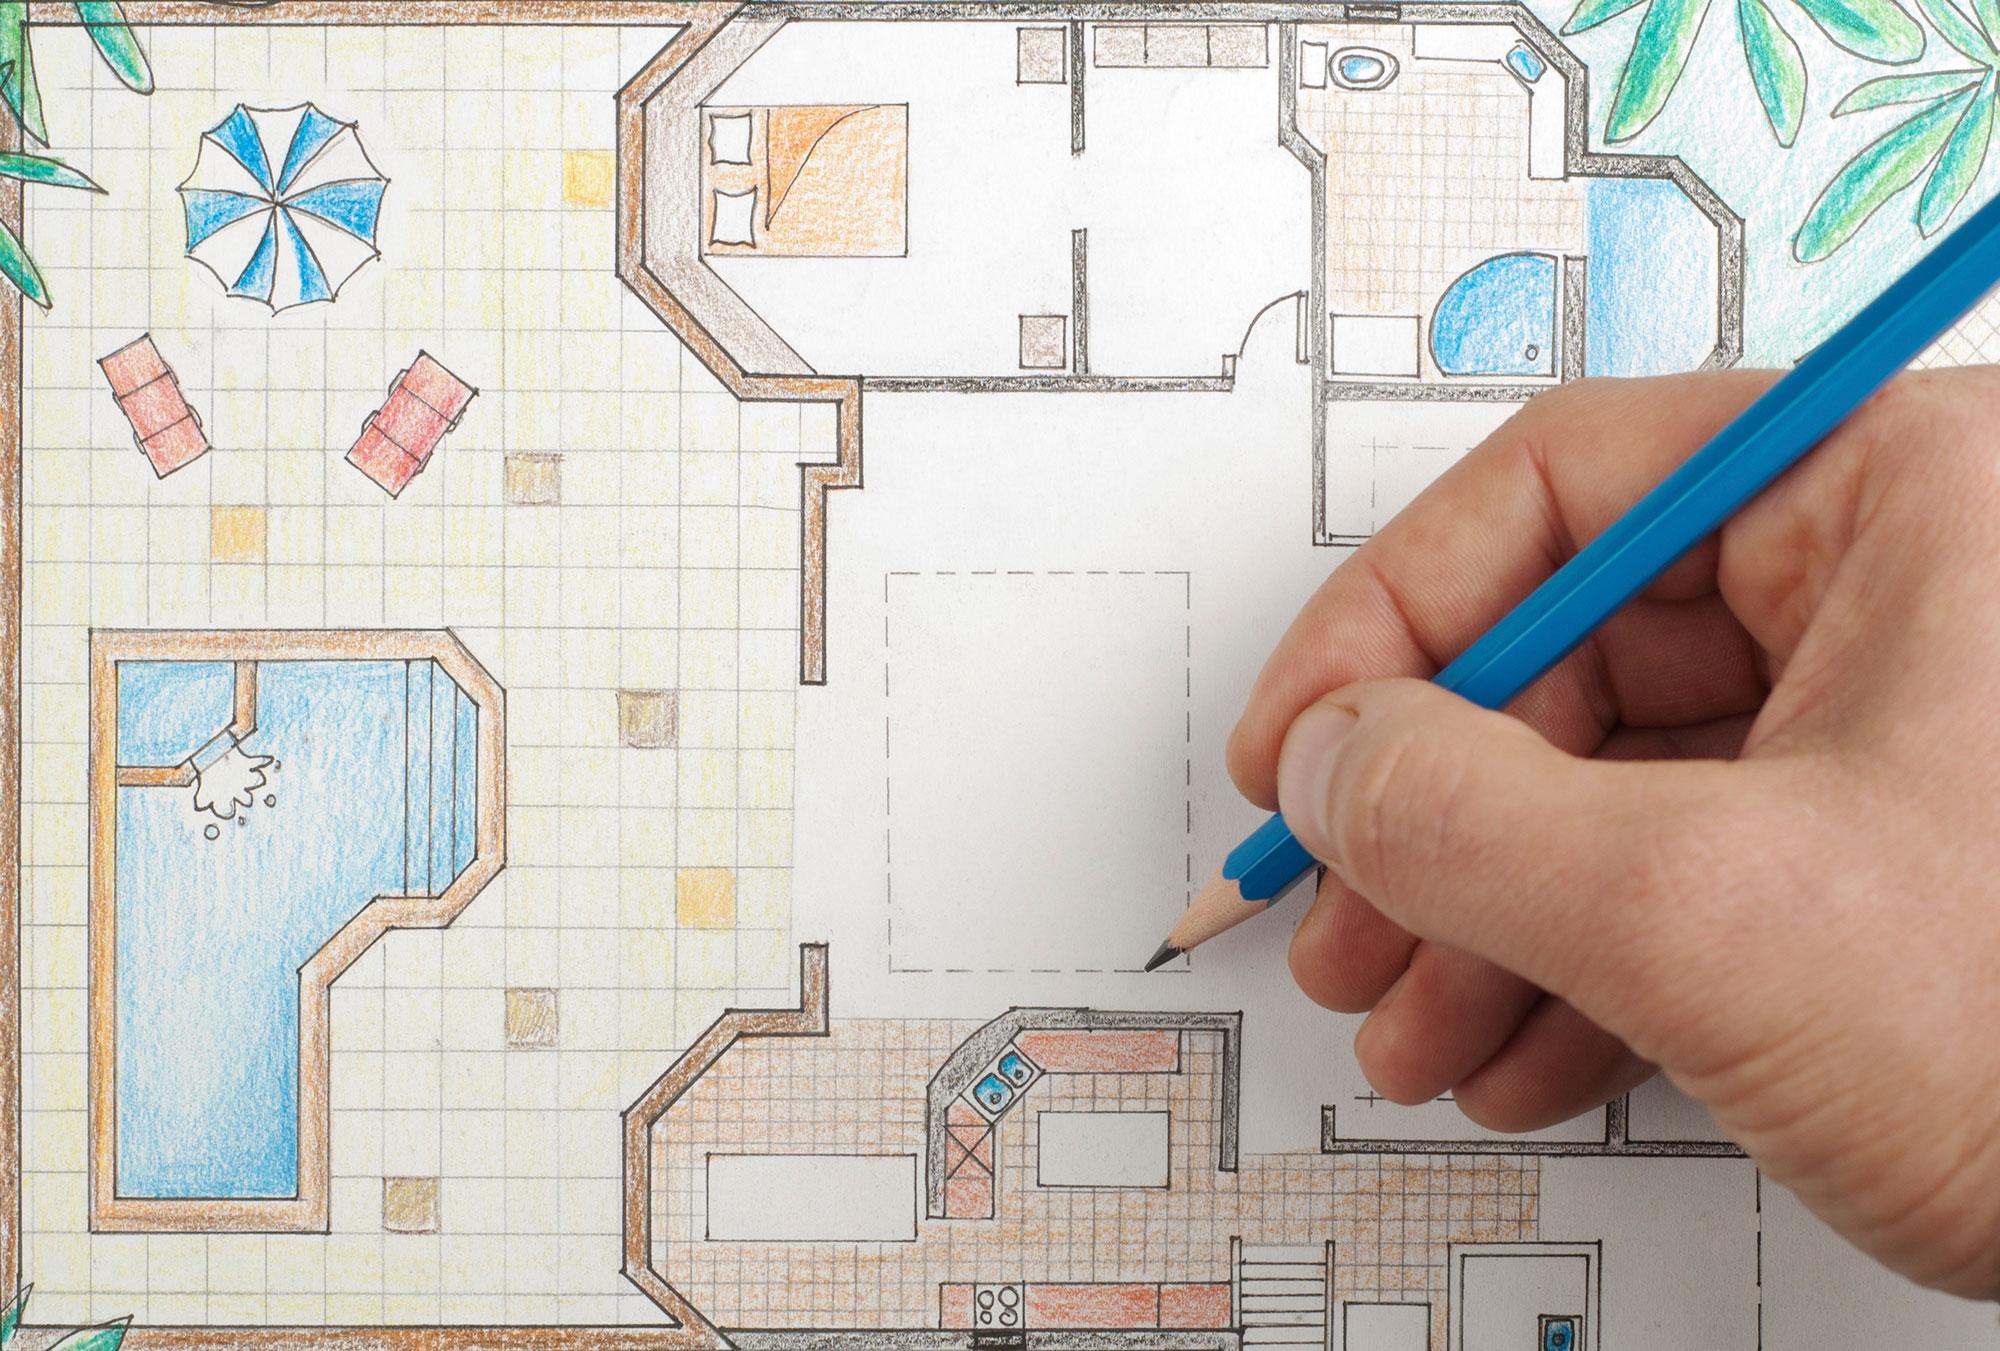 Дизайнер интерьера чем еще может заниматься